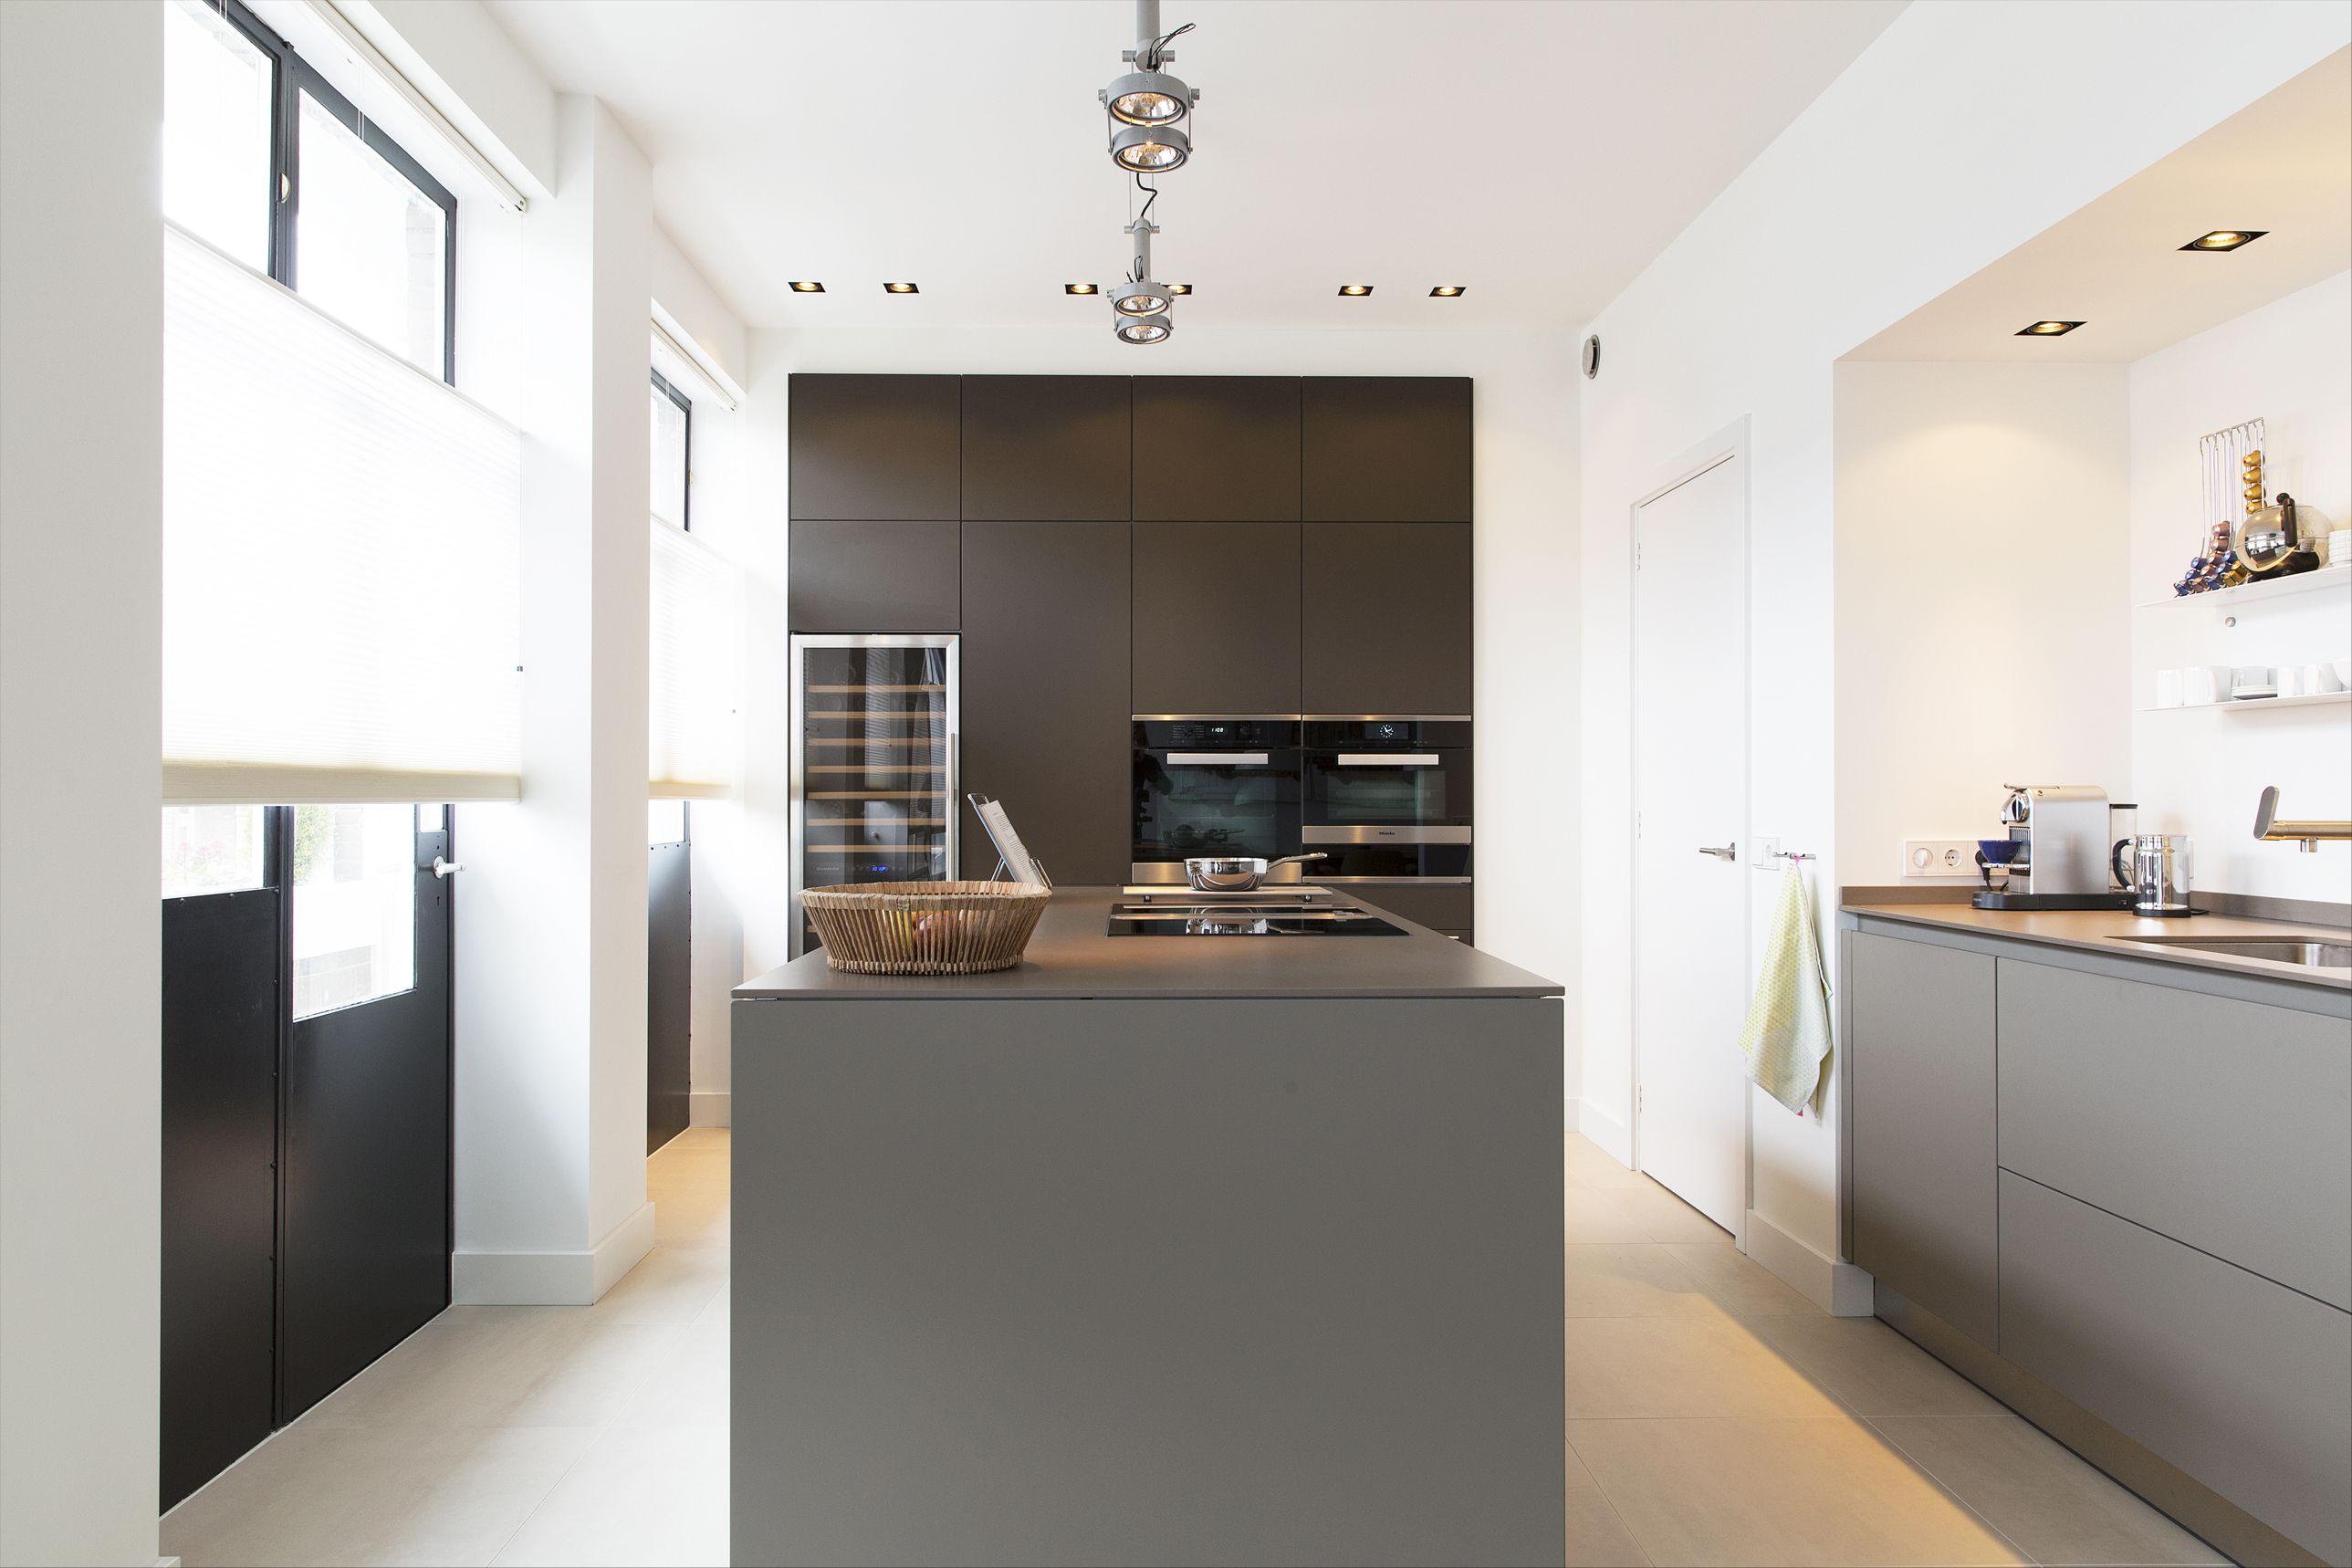 Keuken Organizer Ontwerpen : Leemkleurige bulthaup keuken in een luxe stadsappartement in